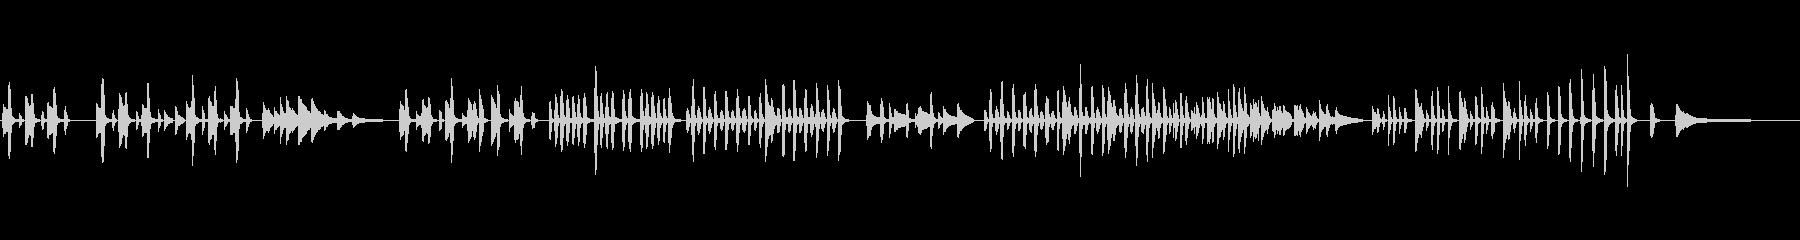 【劇伴】面白い話をイメージしたピアノ曲の未再生の波形